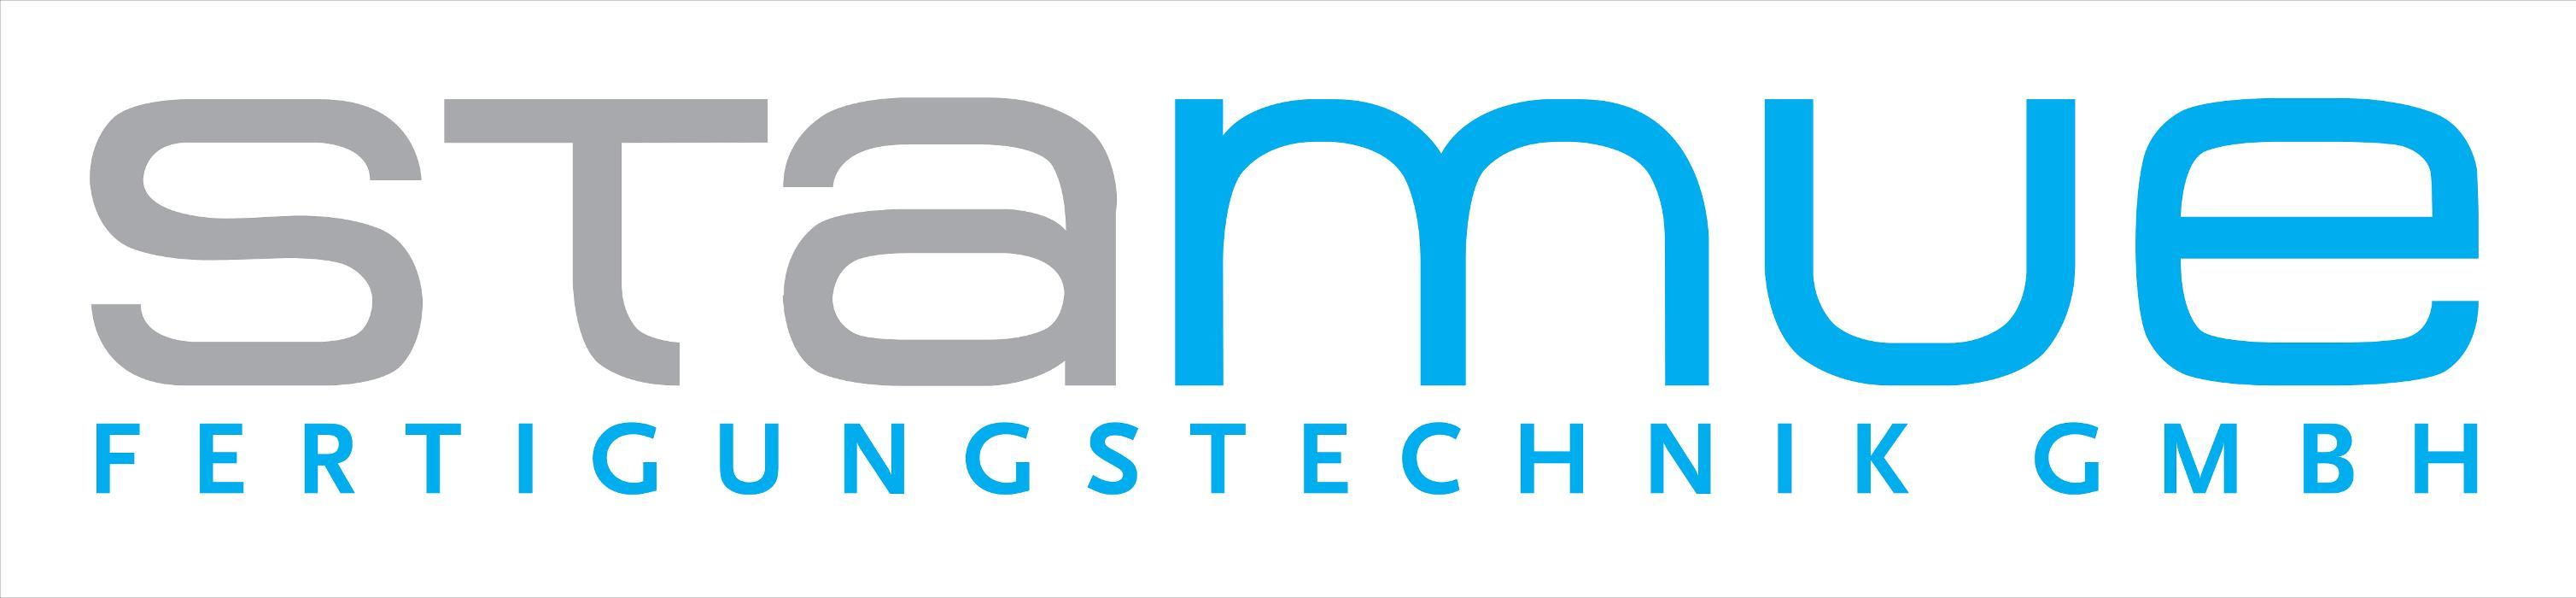 Bild zu Stamue Fertigungstechnik GmbH in Raunheim